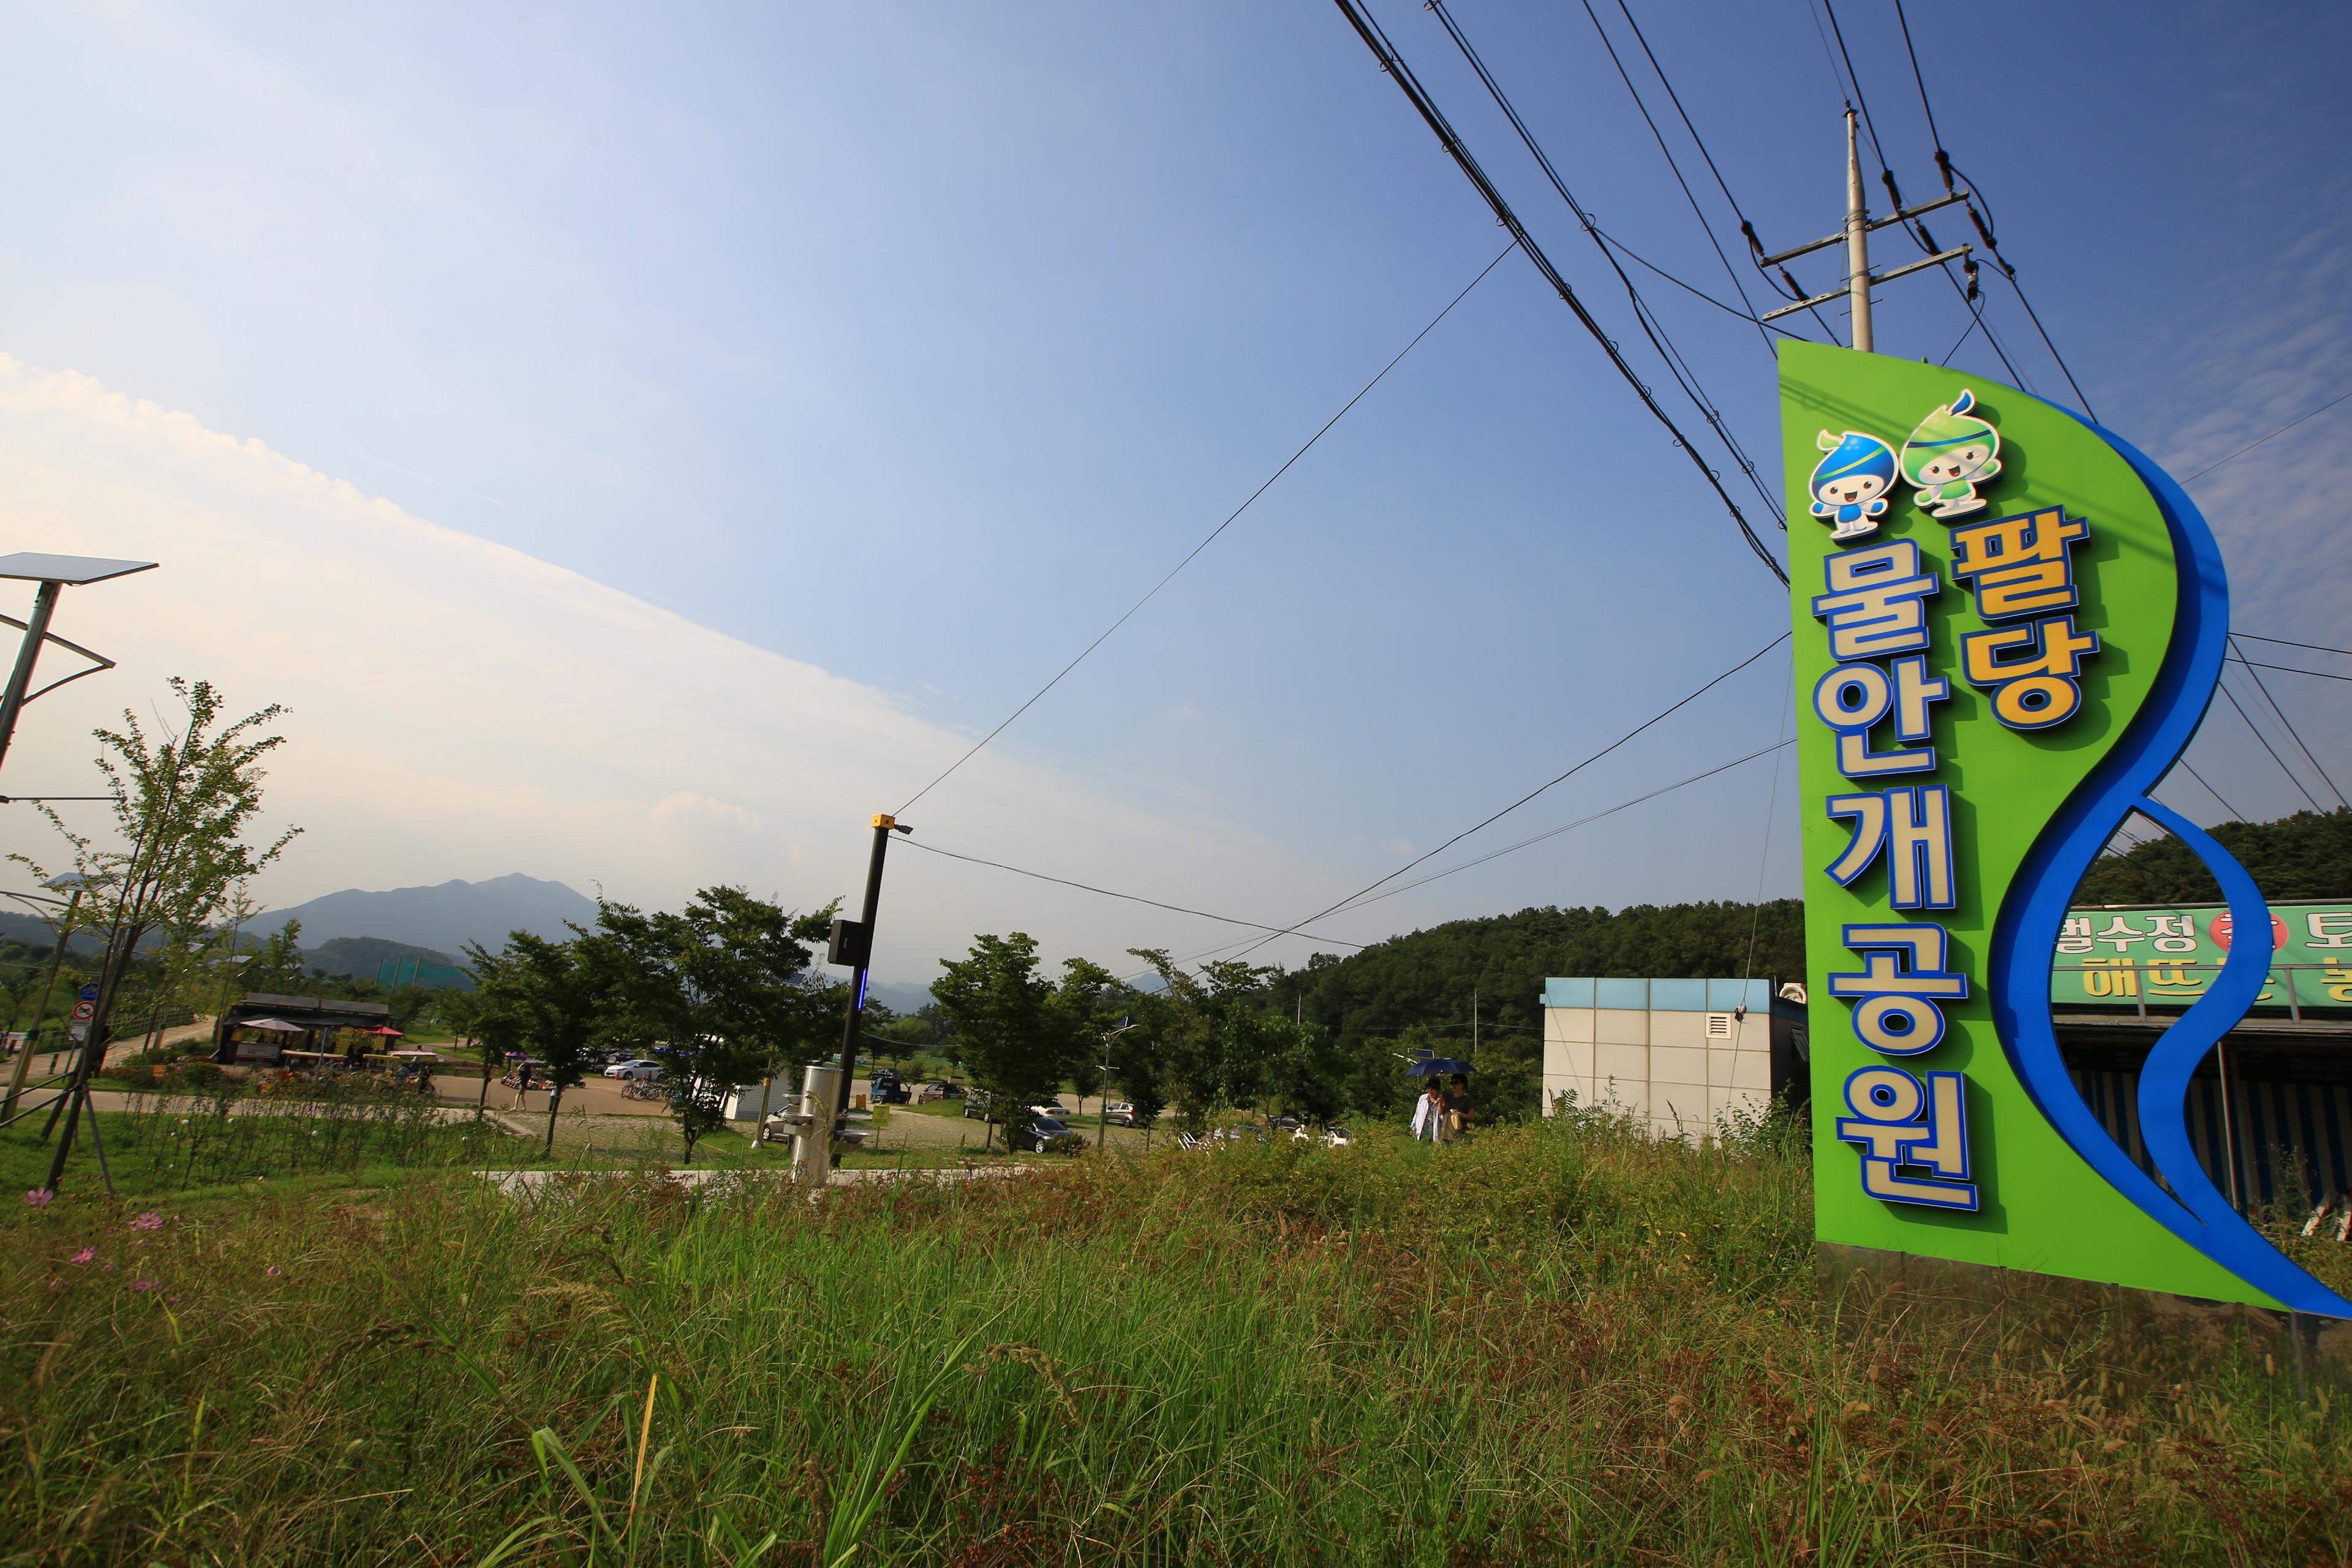 경기도 광주 가볼만한곳 팔당물안개공원